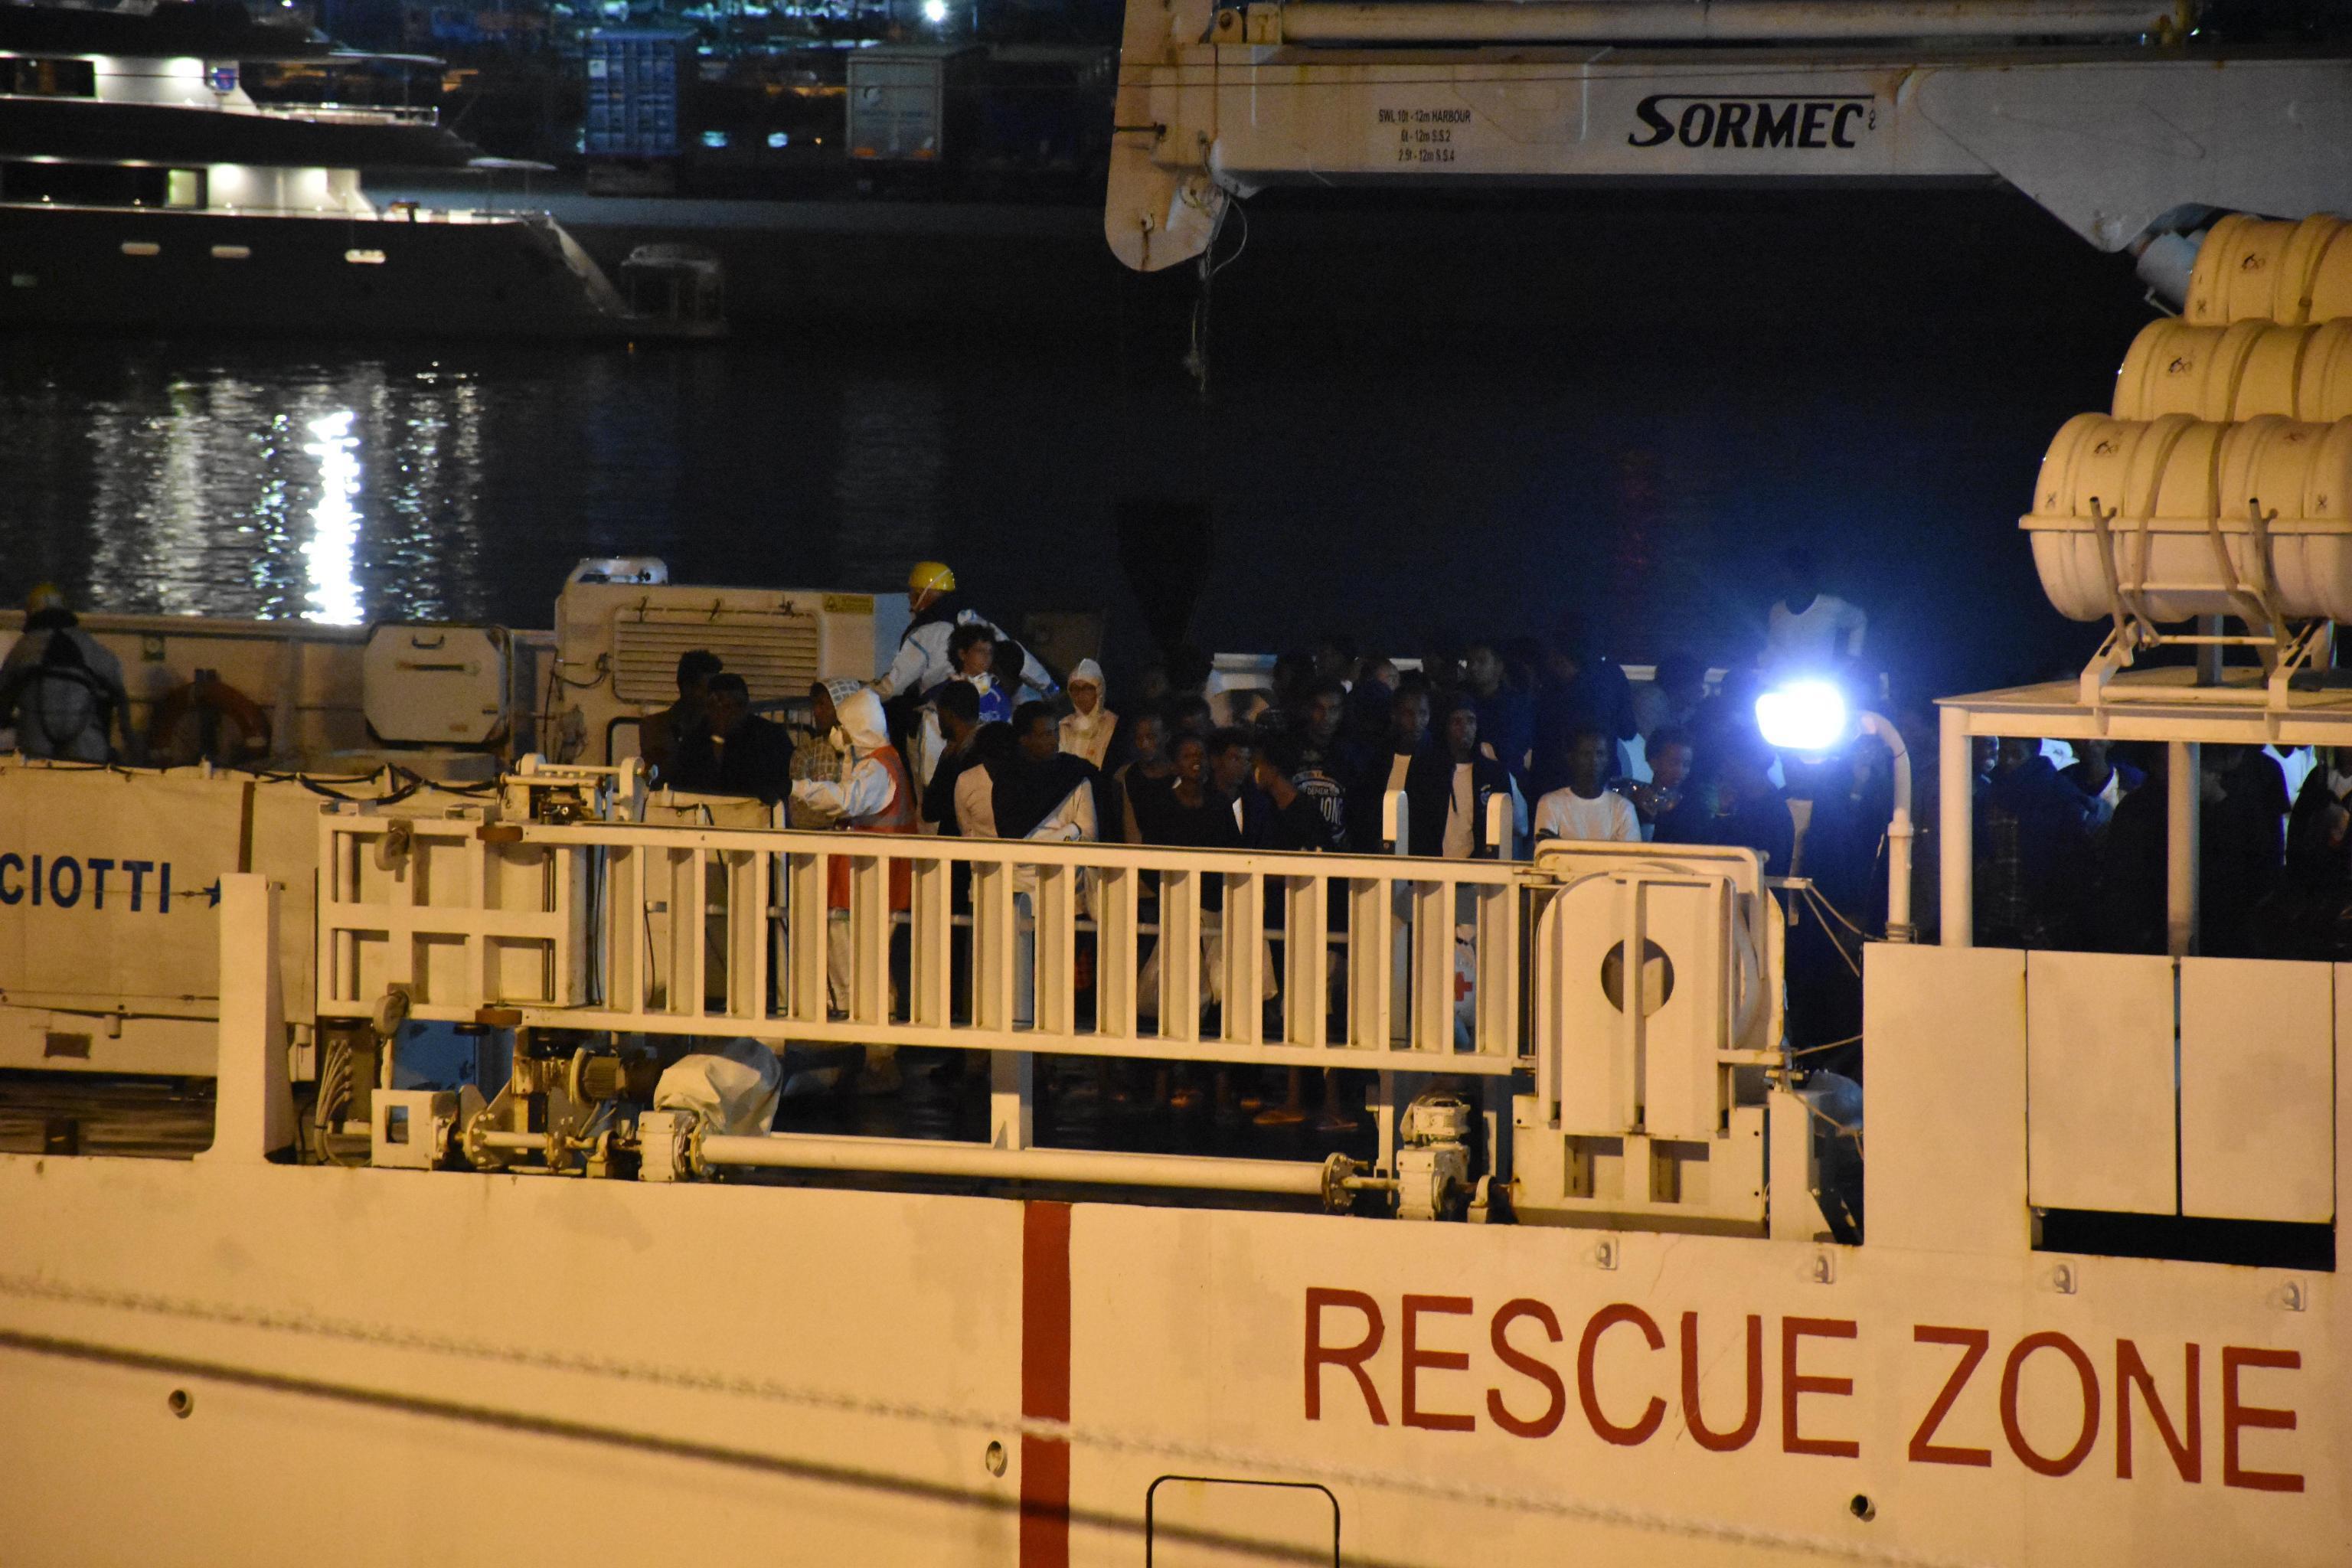 Migranti, nave Diciotti arrivata a Catania